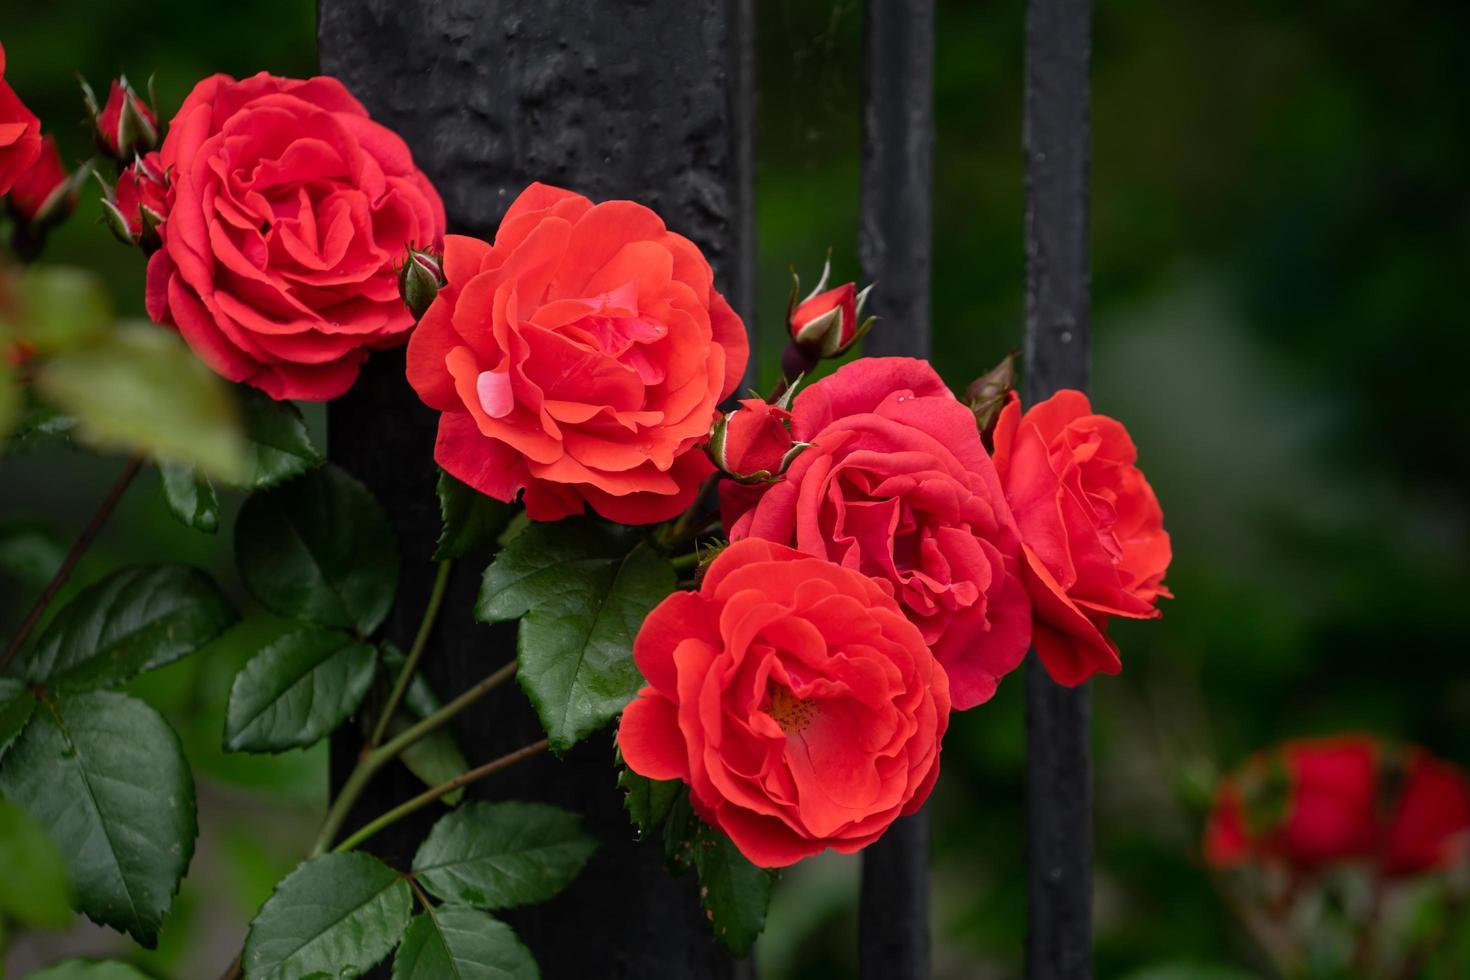 rose rosse su un cespuglio in un giardino foto